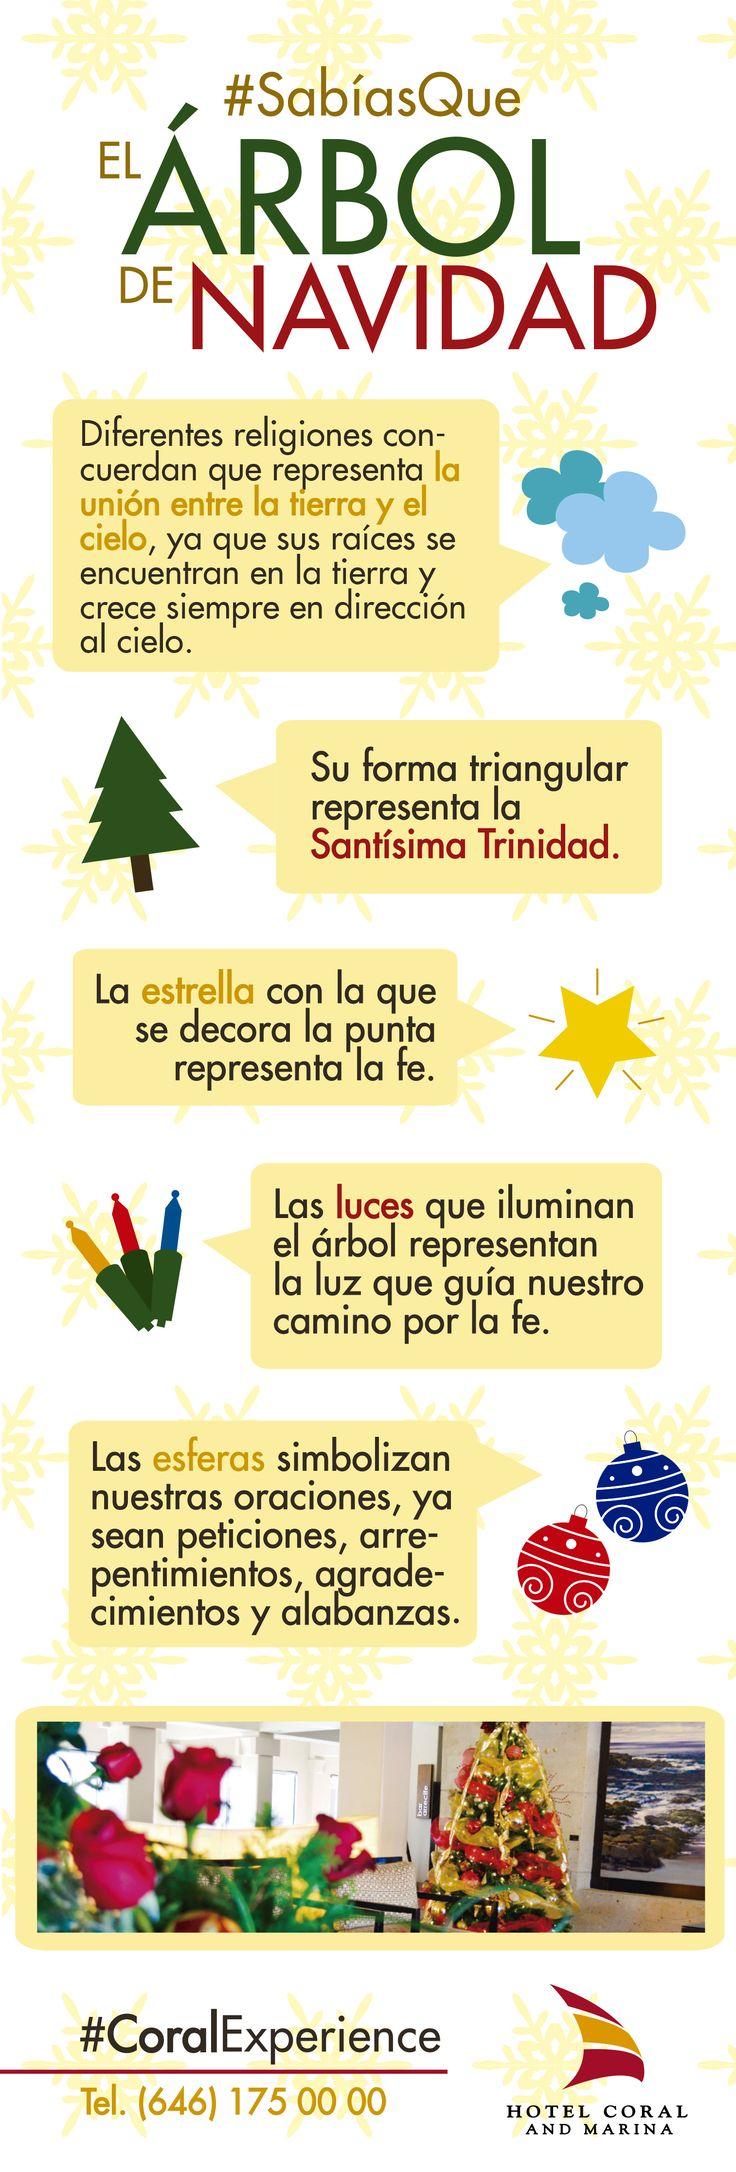 #SabiasQue El significado del árbol de navidad. Vive las épocas decembrinas en #Ensenada Vive el #CoralExperience